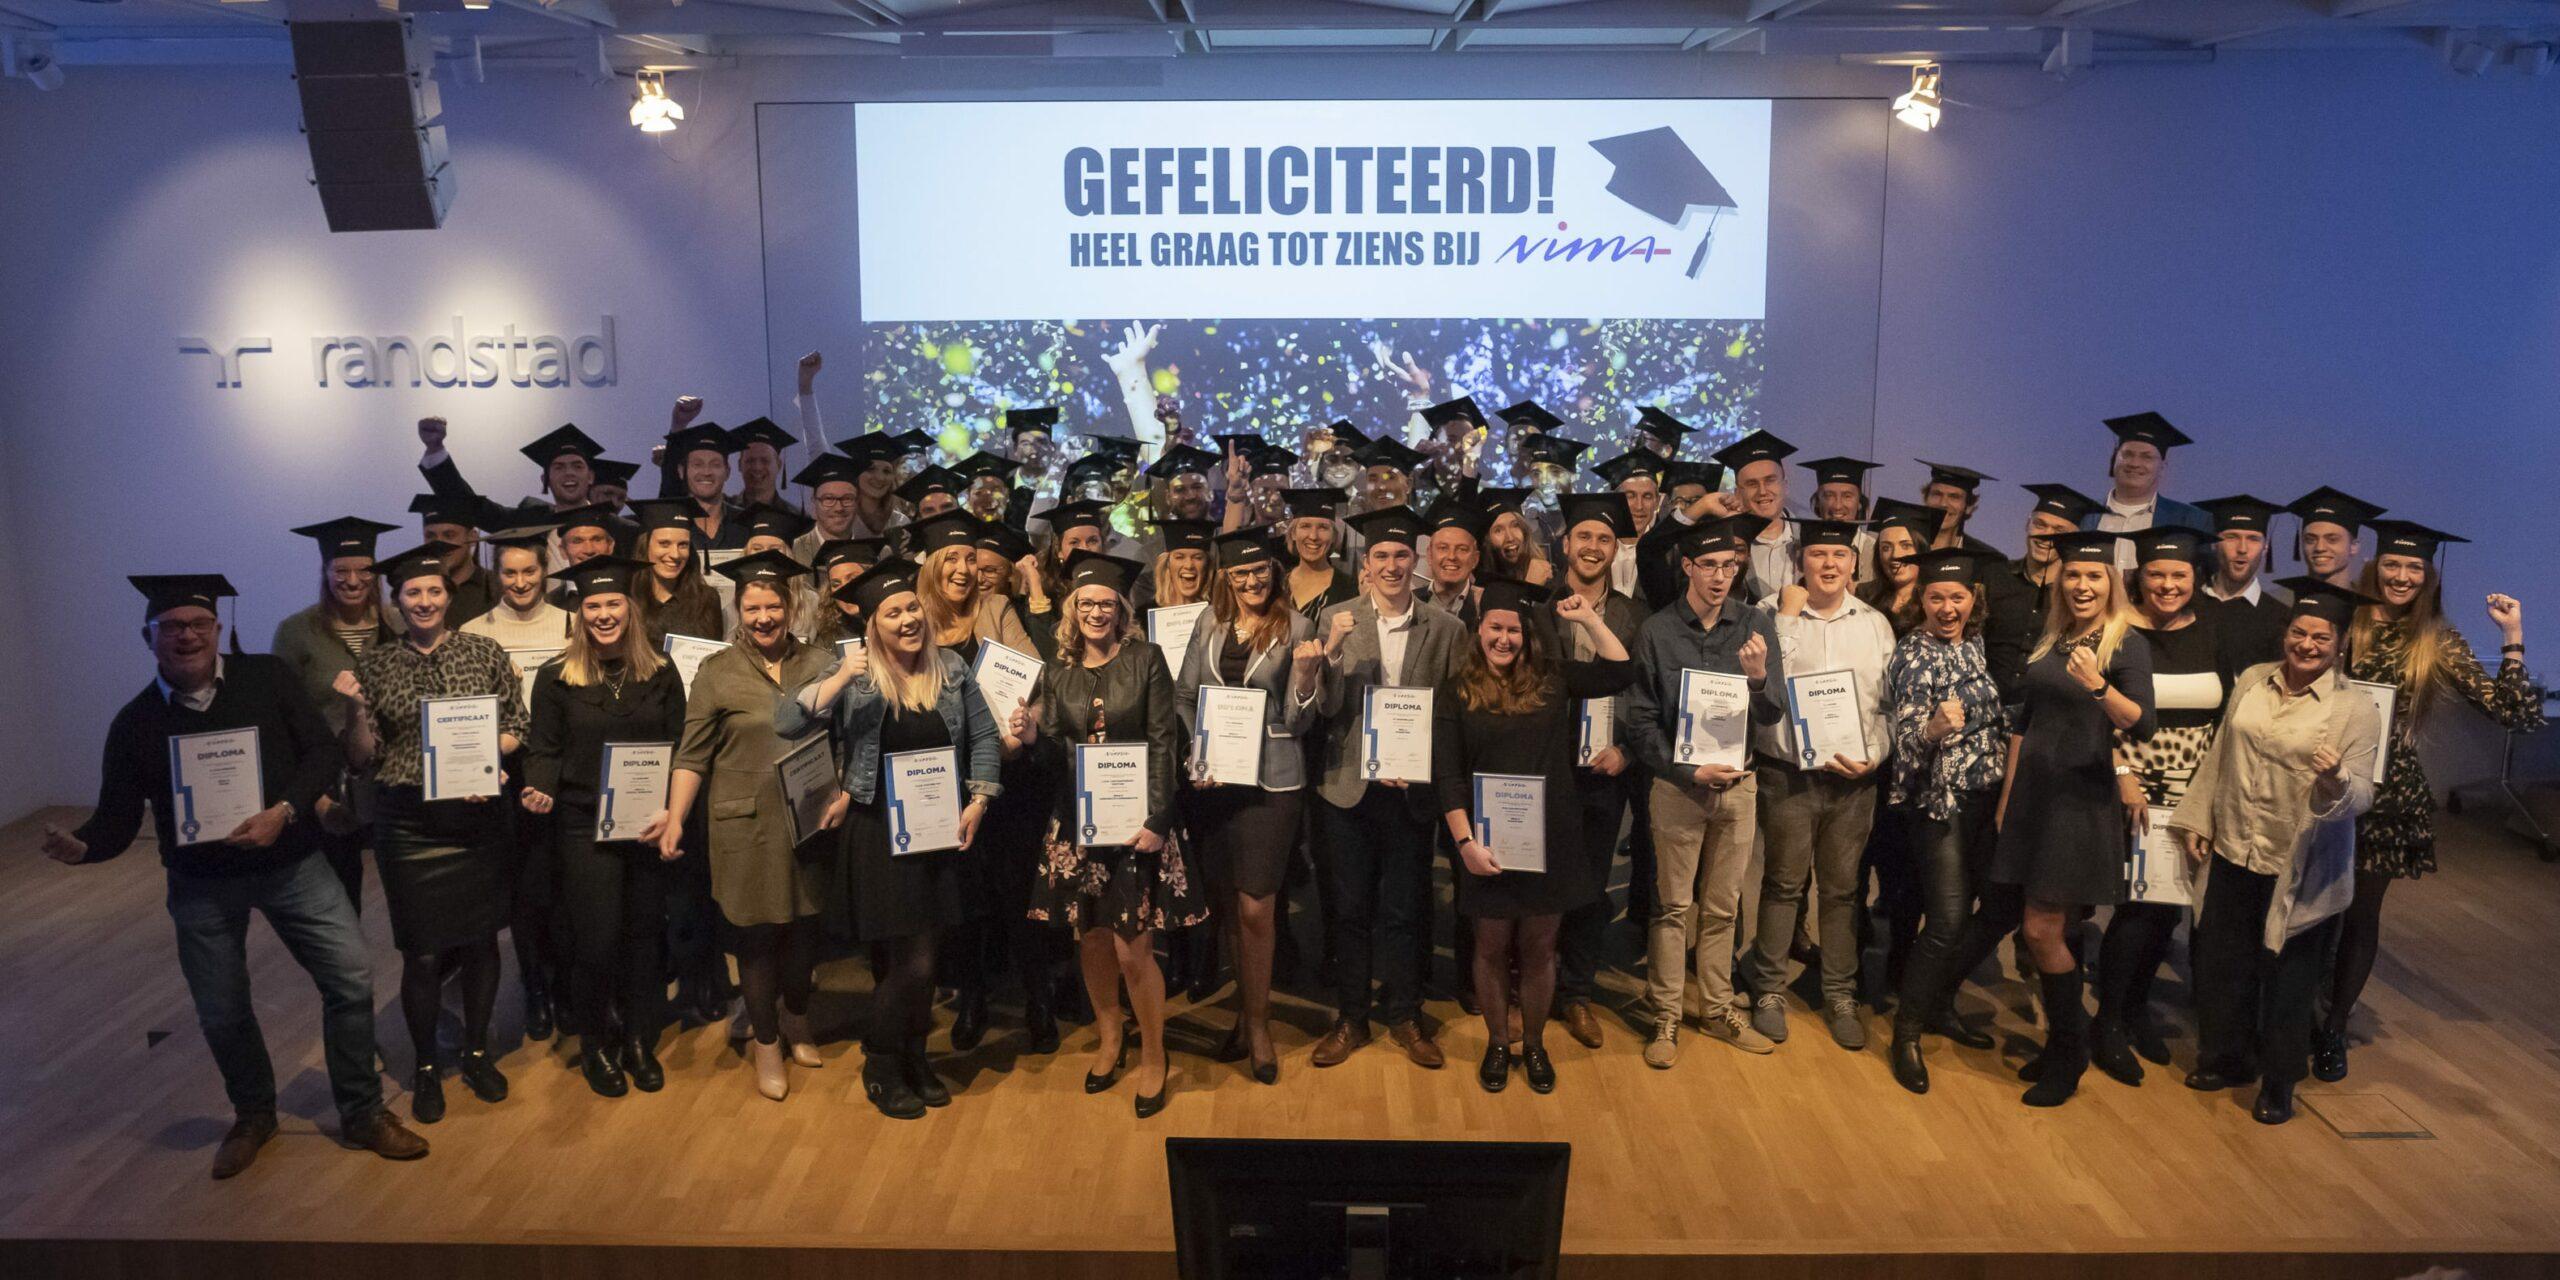 De kers op de taart: NIMA-gediplomeerden ontvangen diploma